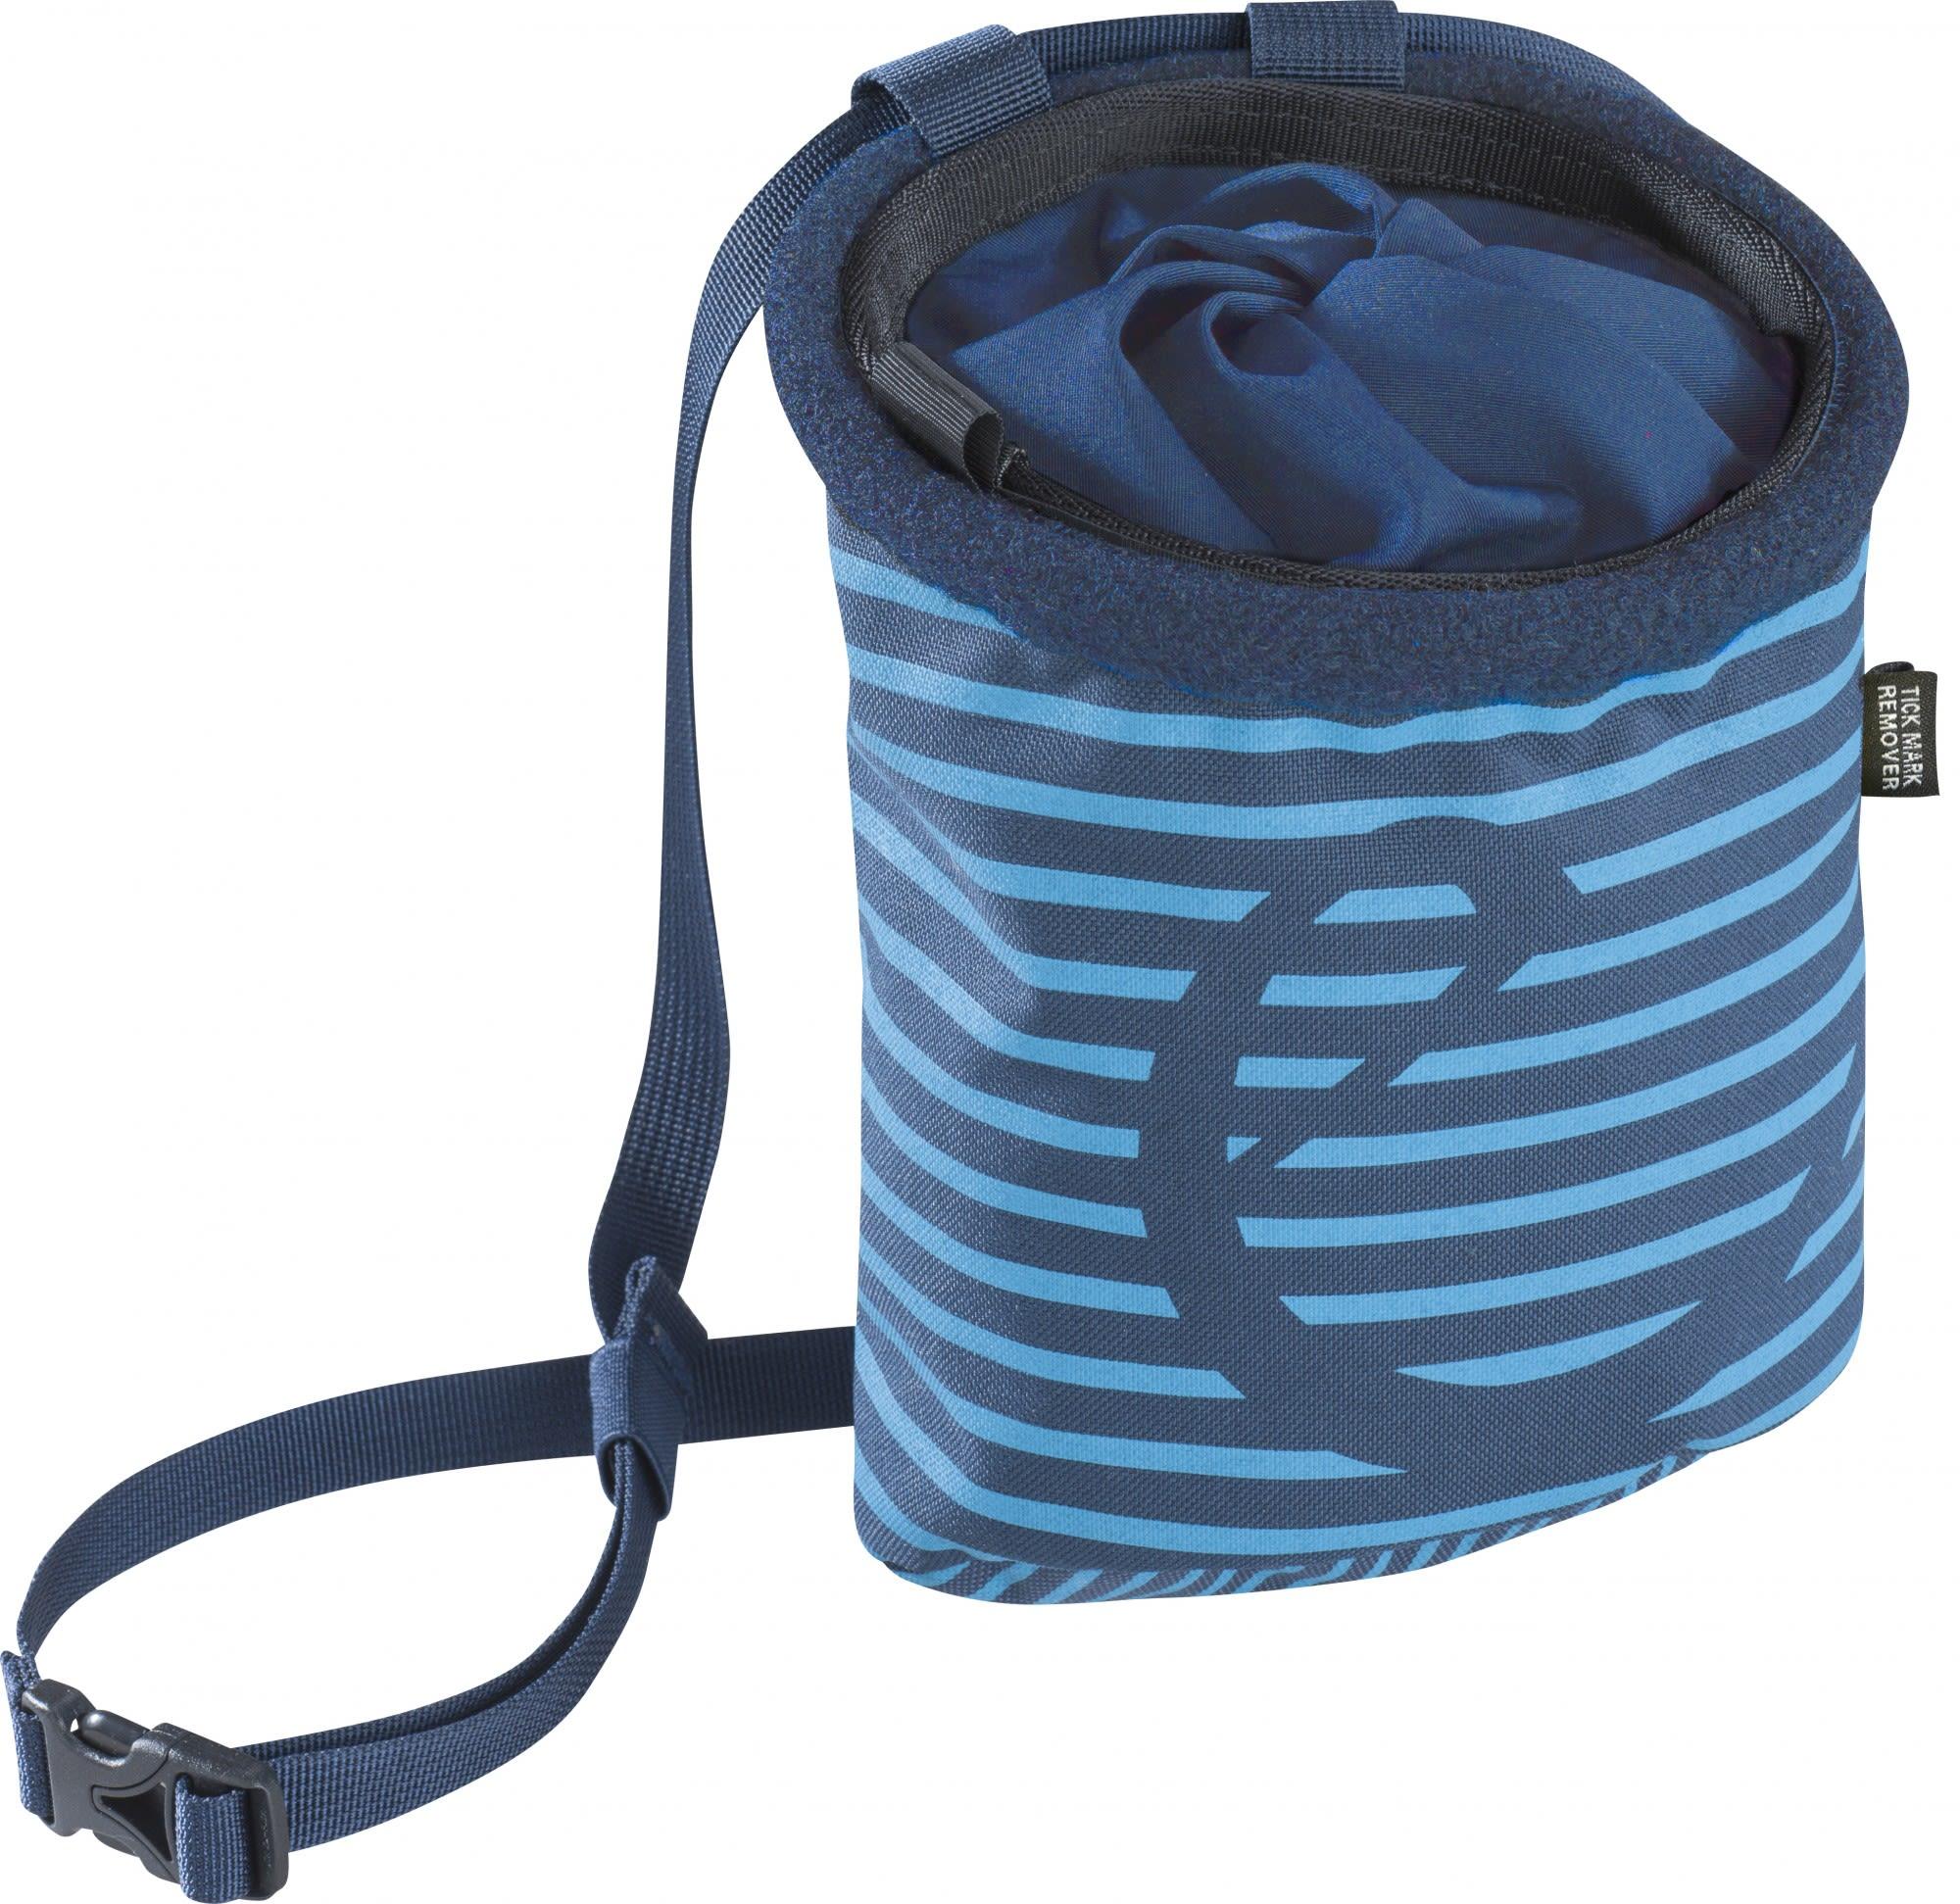 Edelrid Chalk Bag Rocket Twist   Größe One Size    Kletterzubehör